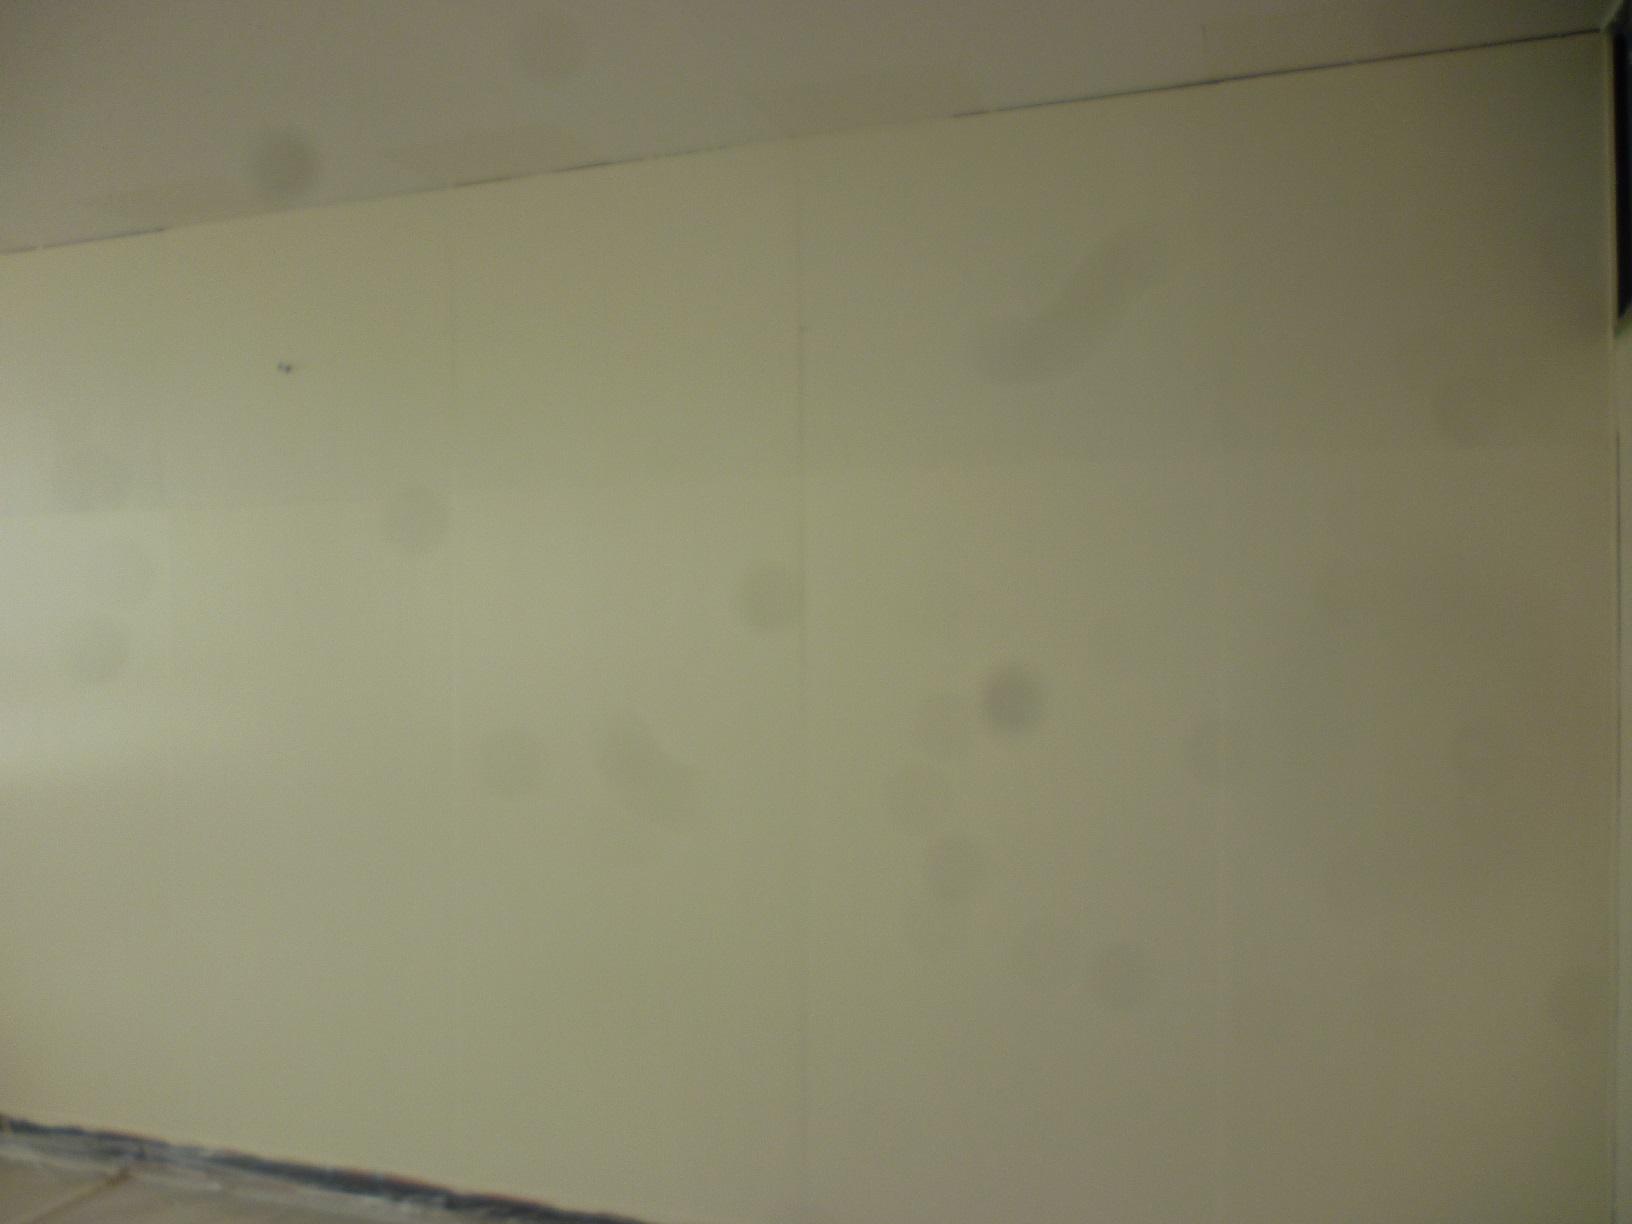 丸中青果 会議室  壁 仕上げ5